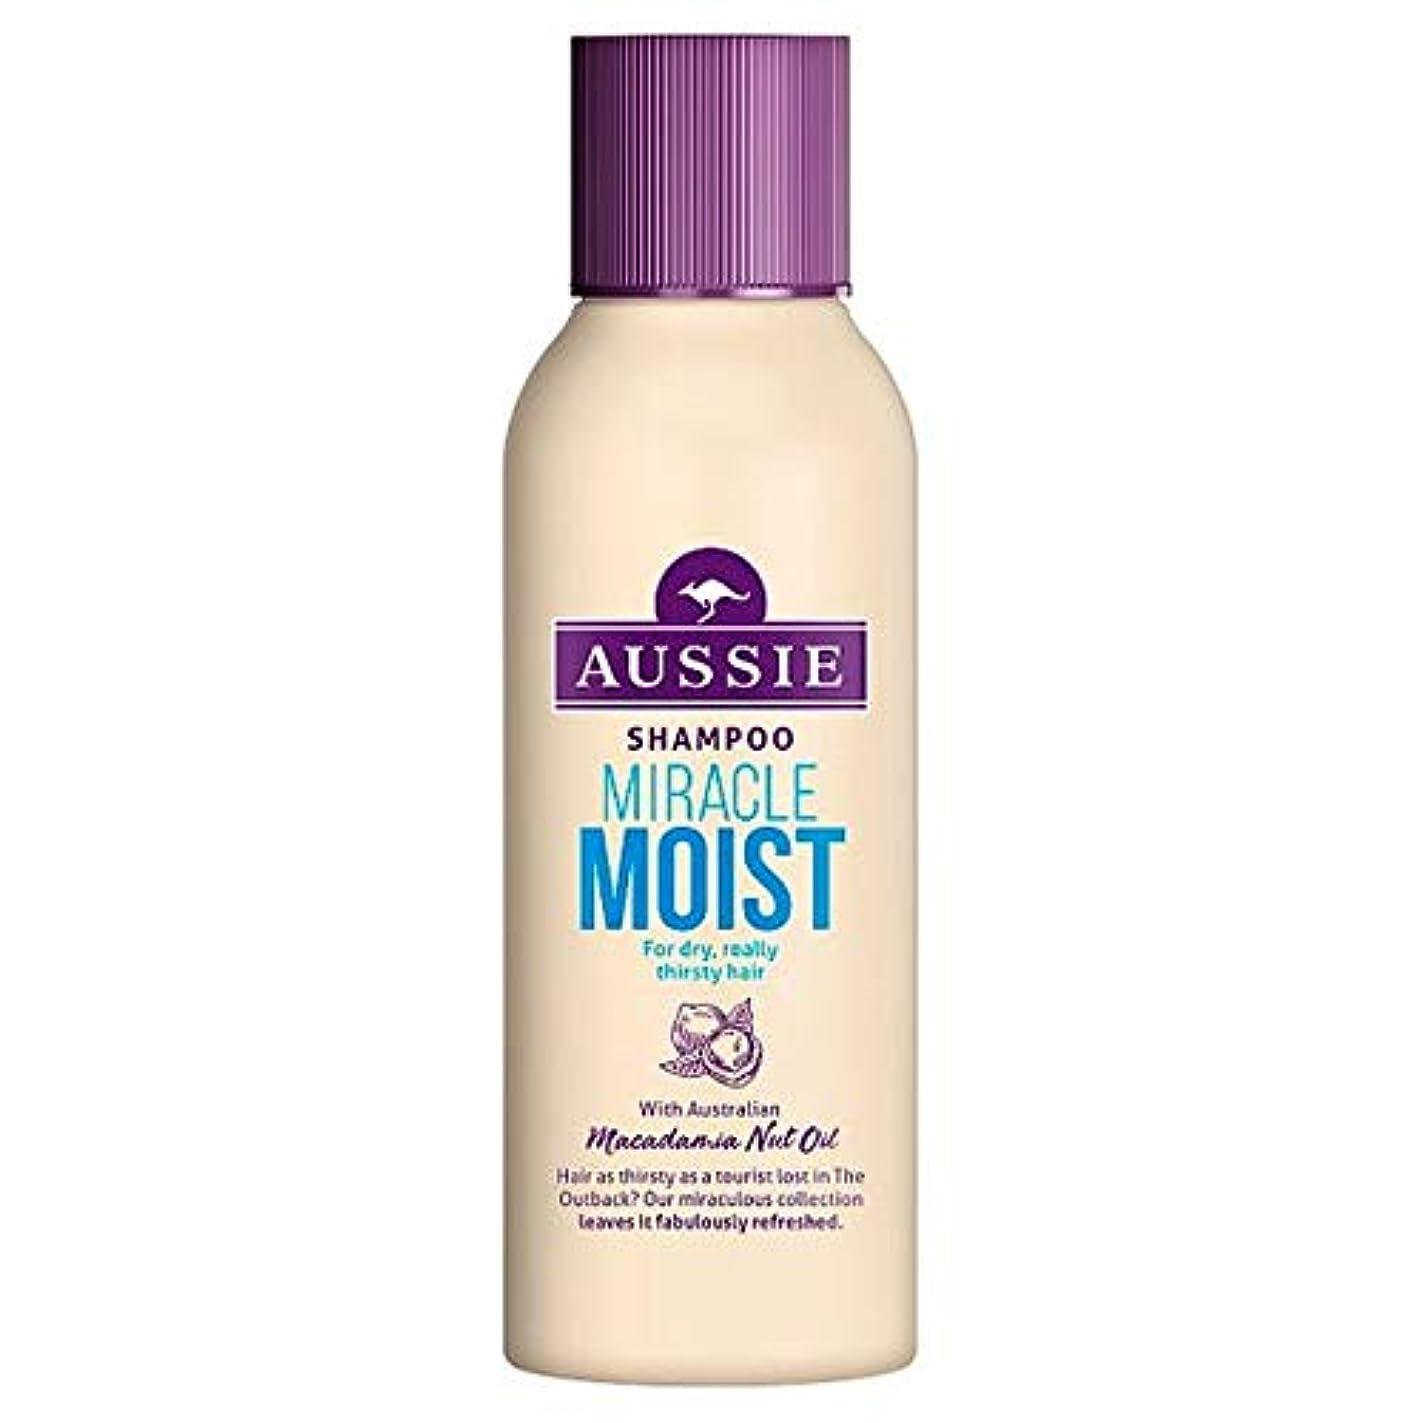 華氏バージン苦[Aussie] オーストラリアの奇跡湿ったシャンプー90ミリリットル - Aussie Miracle Moist Shampoo 90Ml [並行輸入品]